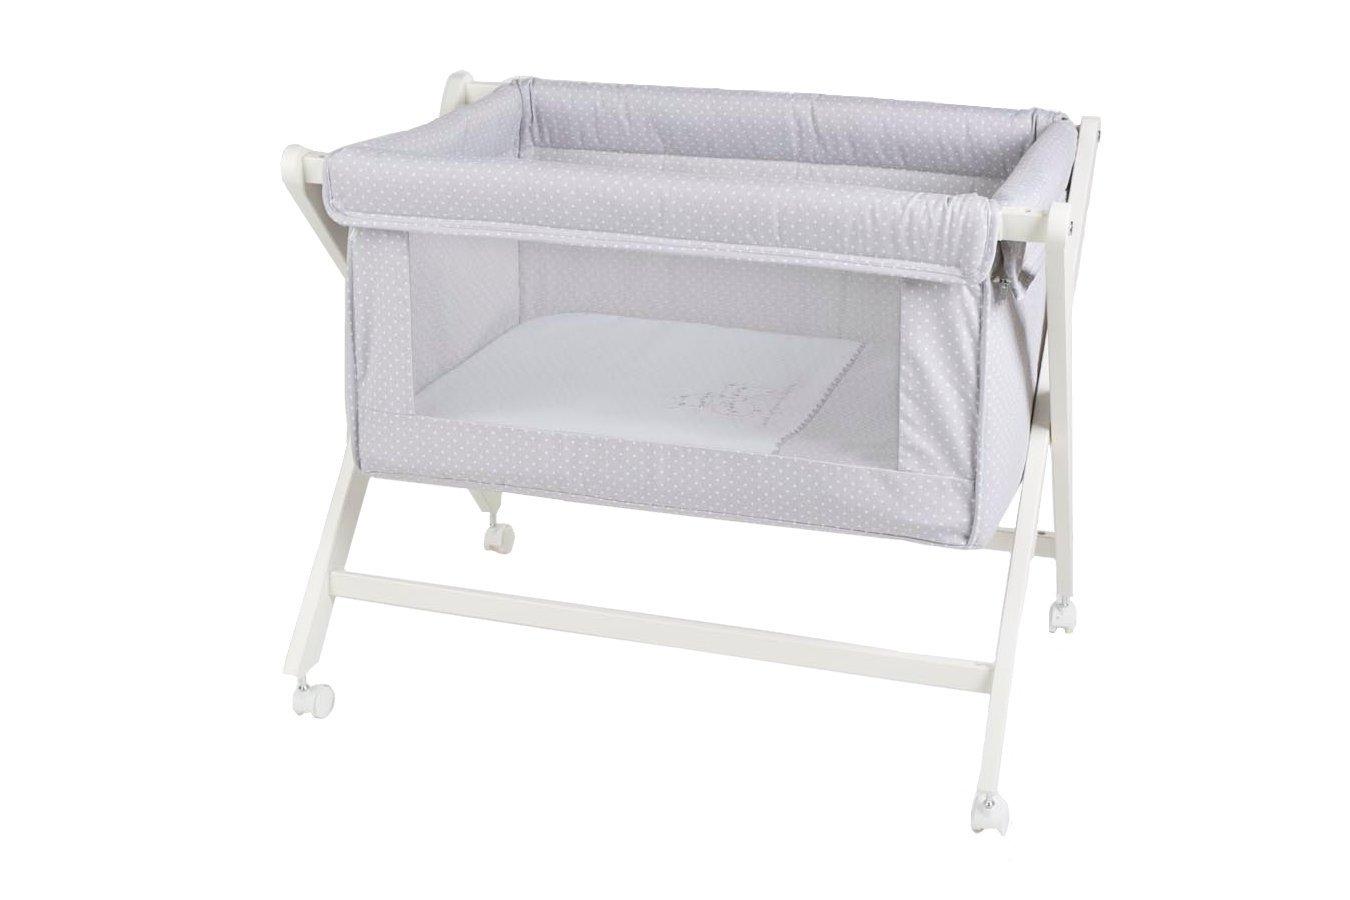 Minicuna de bebe plegable + Ruedas + Colchón + Cubre colchón + Textil: Amazon.es: Bebé